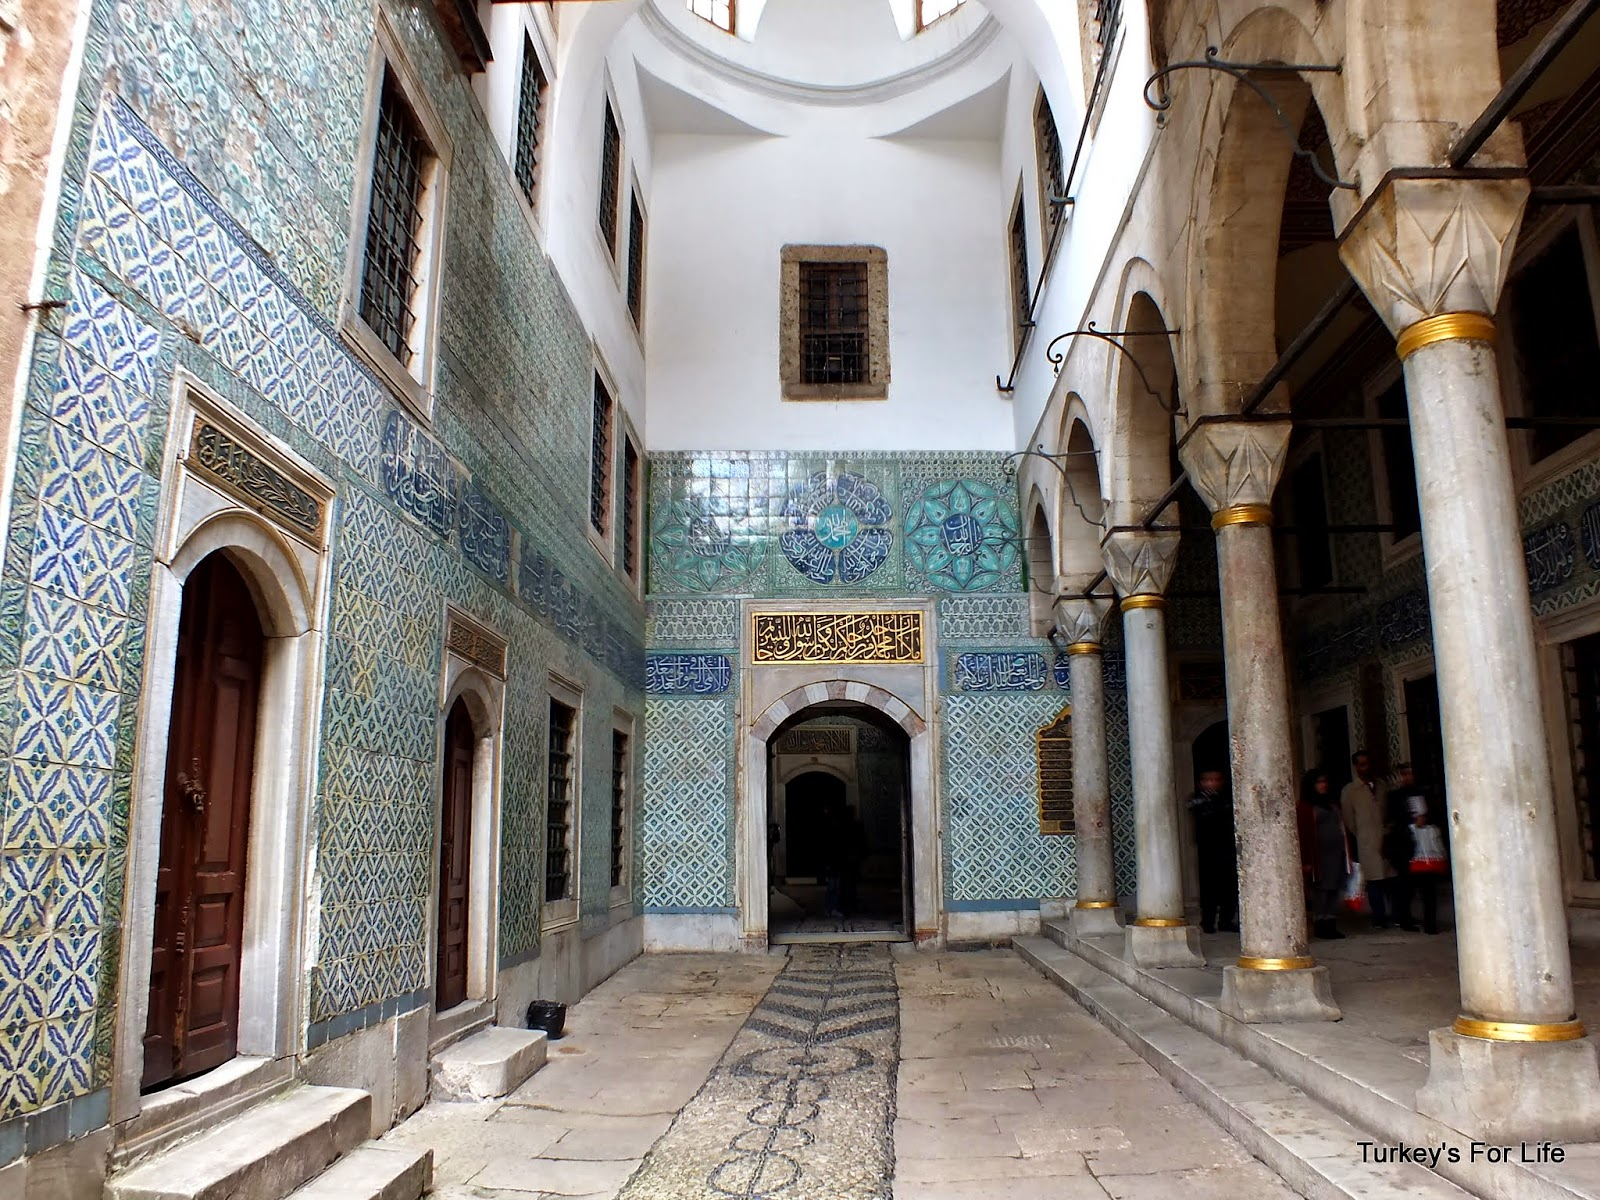 Harem Entrance, Topkapı Palace